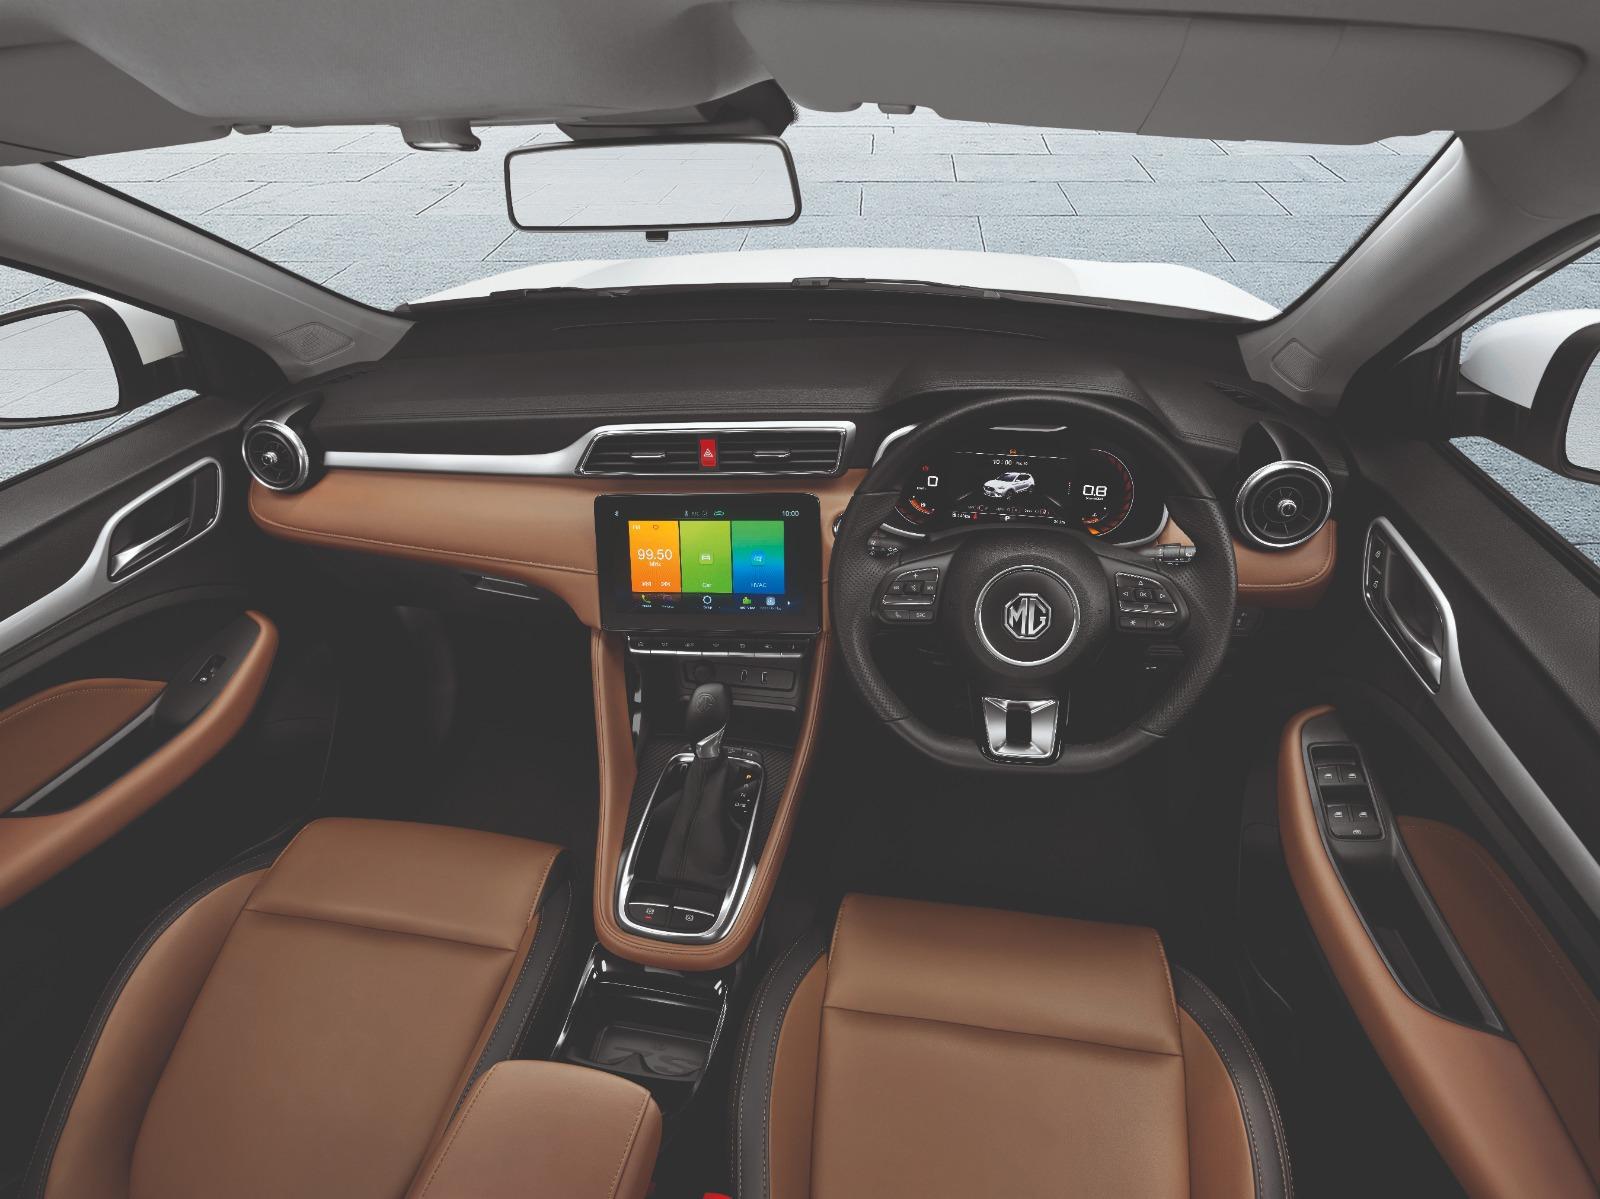 MG Luncurkan ZS Facelift, Bagian Eksterior Berubah Banyak